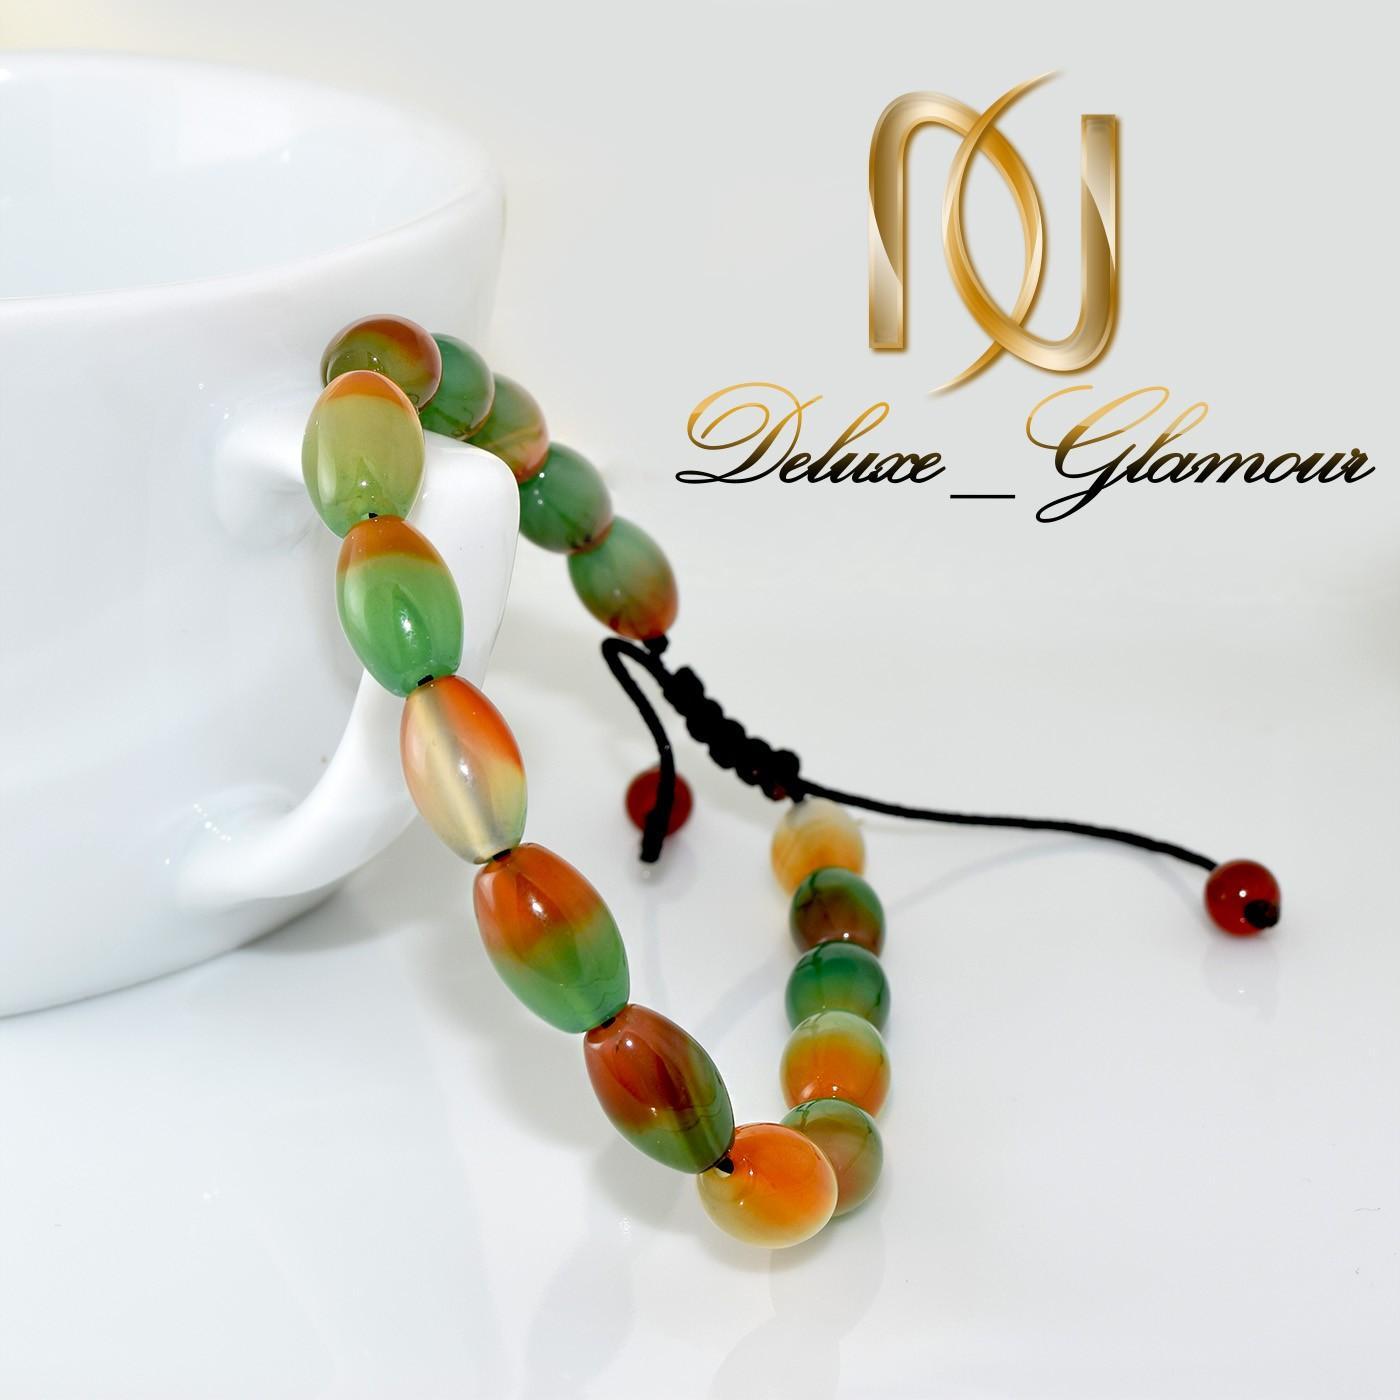 دستبند دخترانه اسپرت سنگ عقیق دو رنگ ds-n271 از نمای کنار